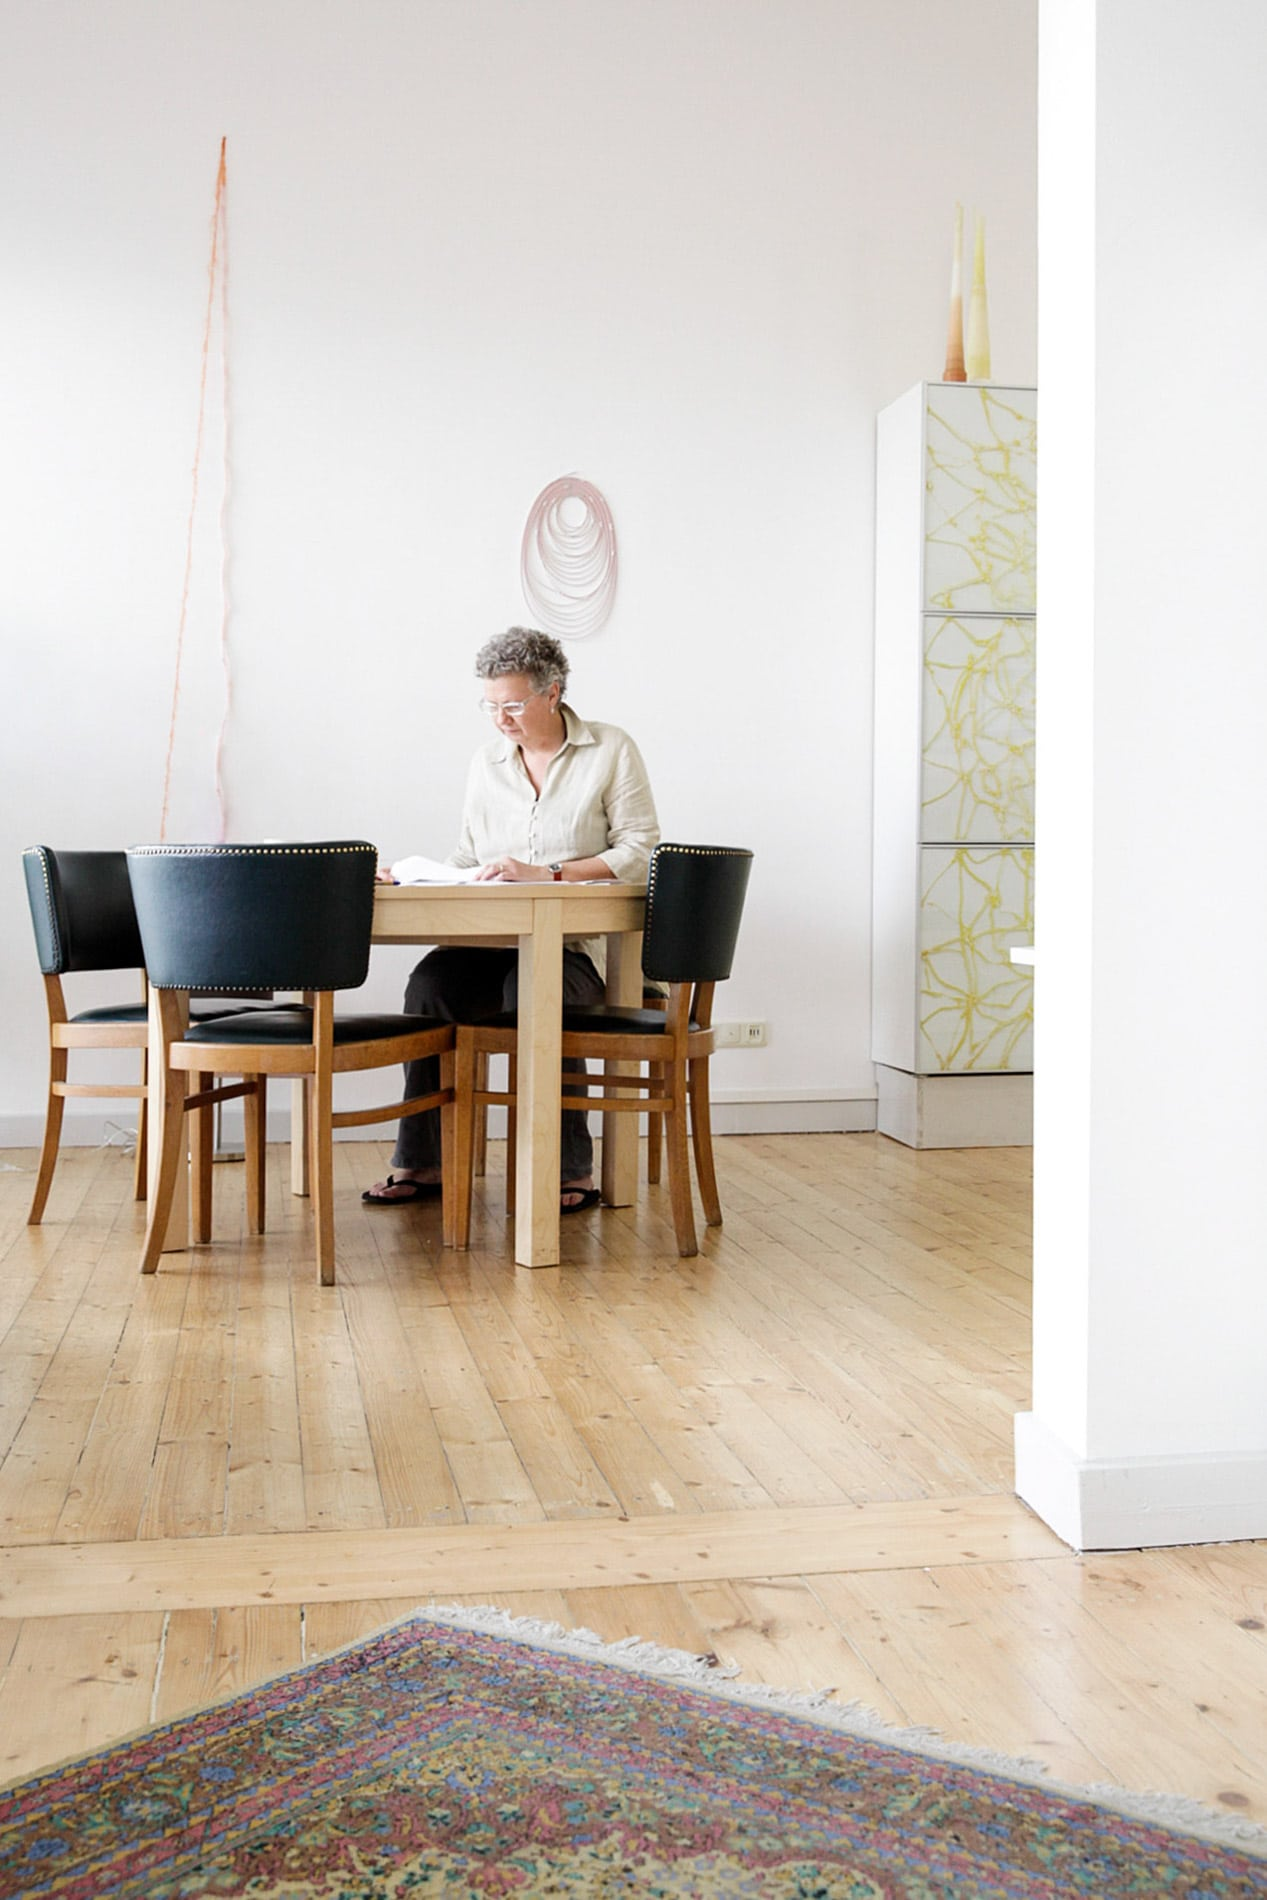 weitwinkliges Portrait von Elisabeth Ehrhorn sitzend am Tisch, Perserteppich, Raum, Büro, Schreiben- Pressefrauen Frankfurt schreiben und texten für PR